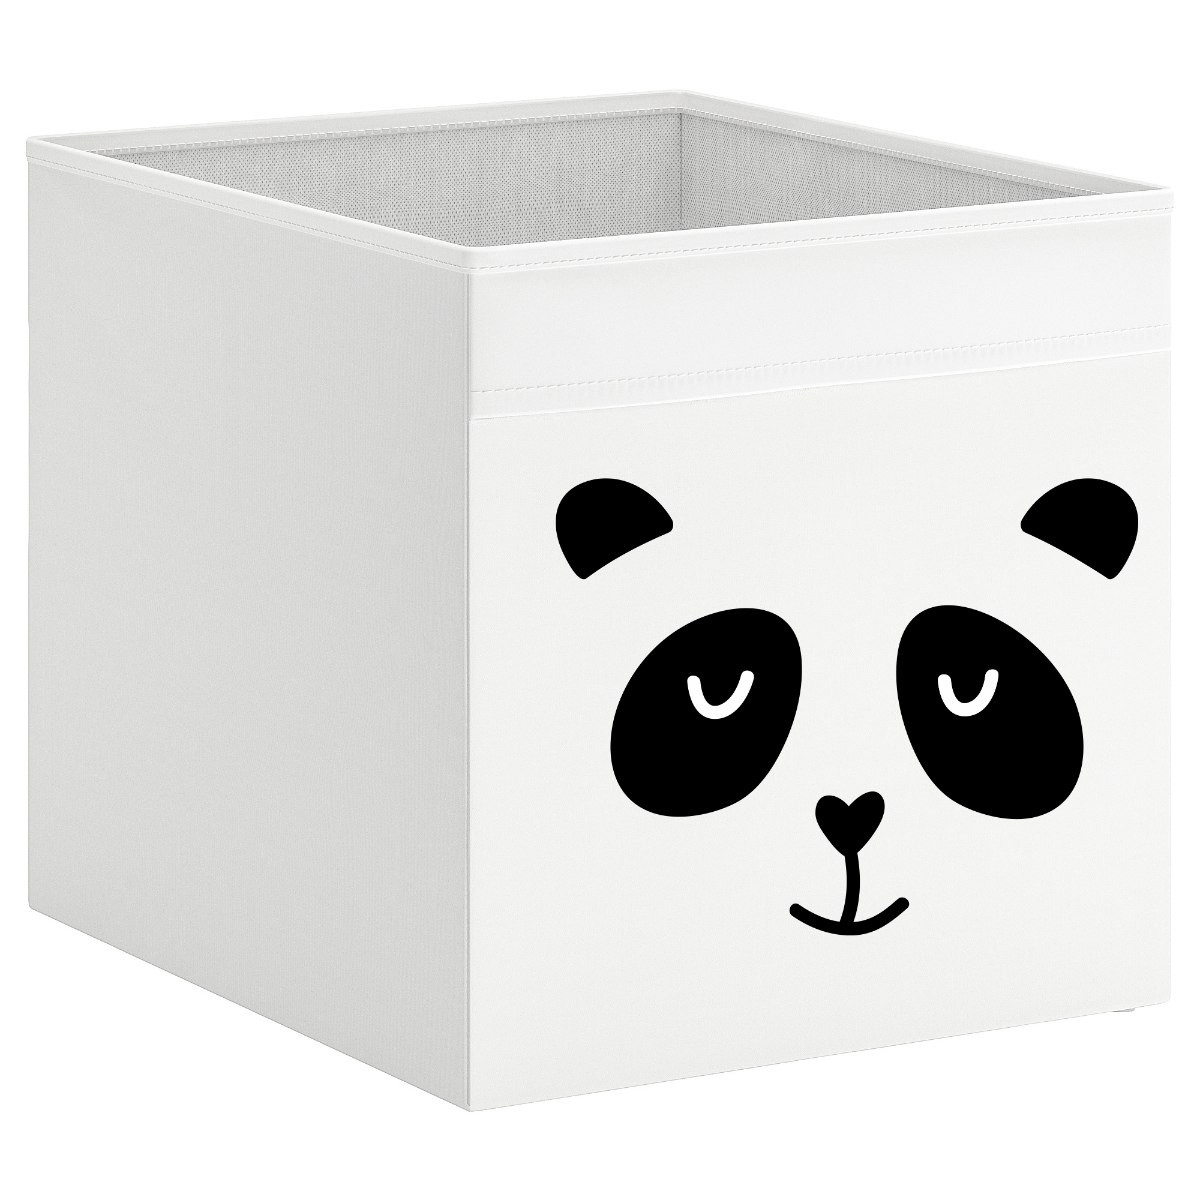 קופסת אחסון לכוורת עם הדפס- פנדה